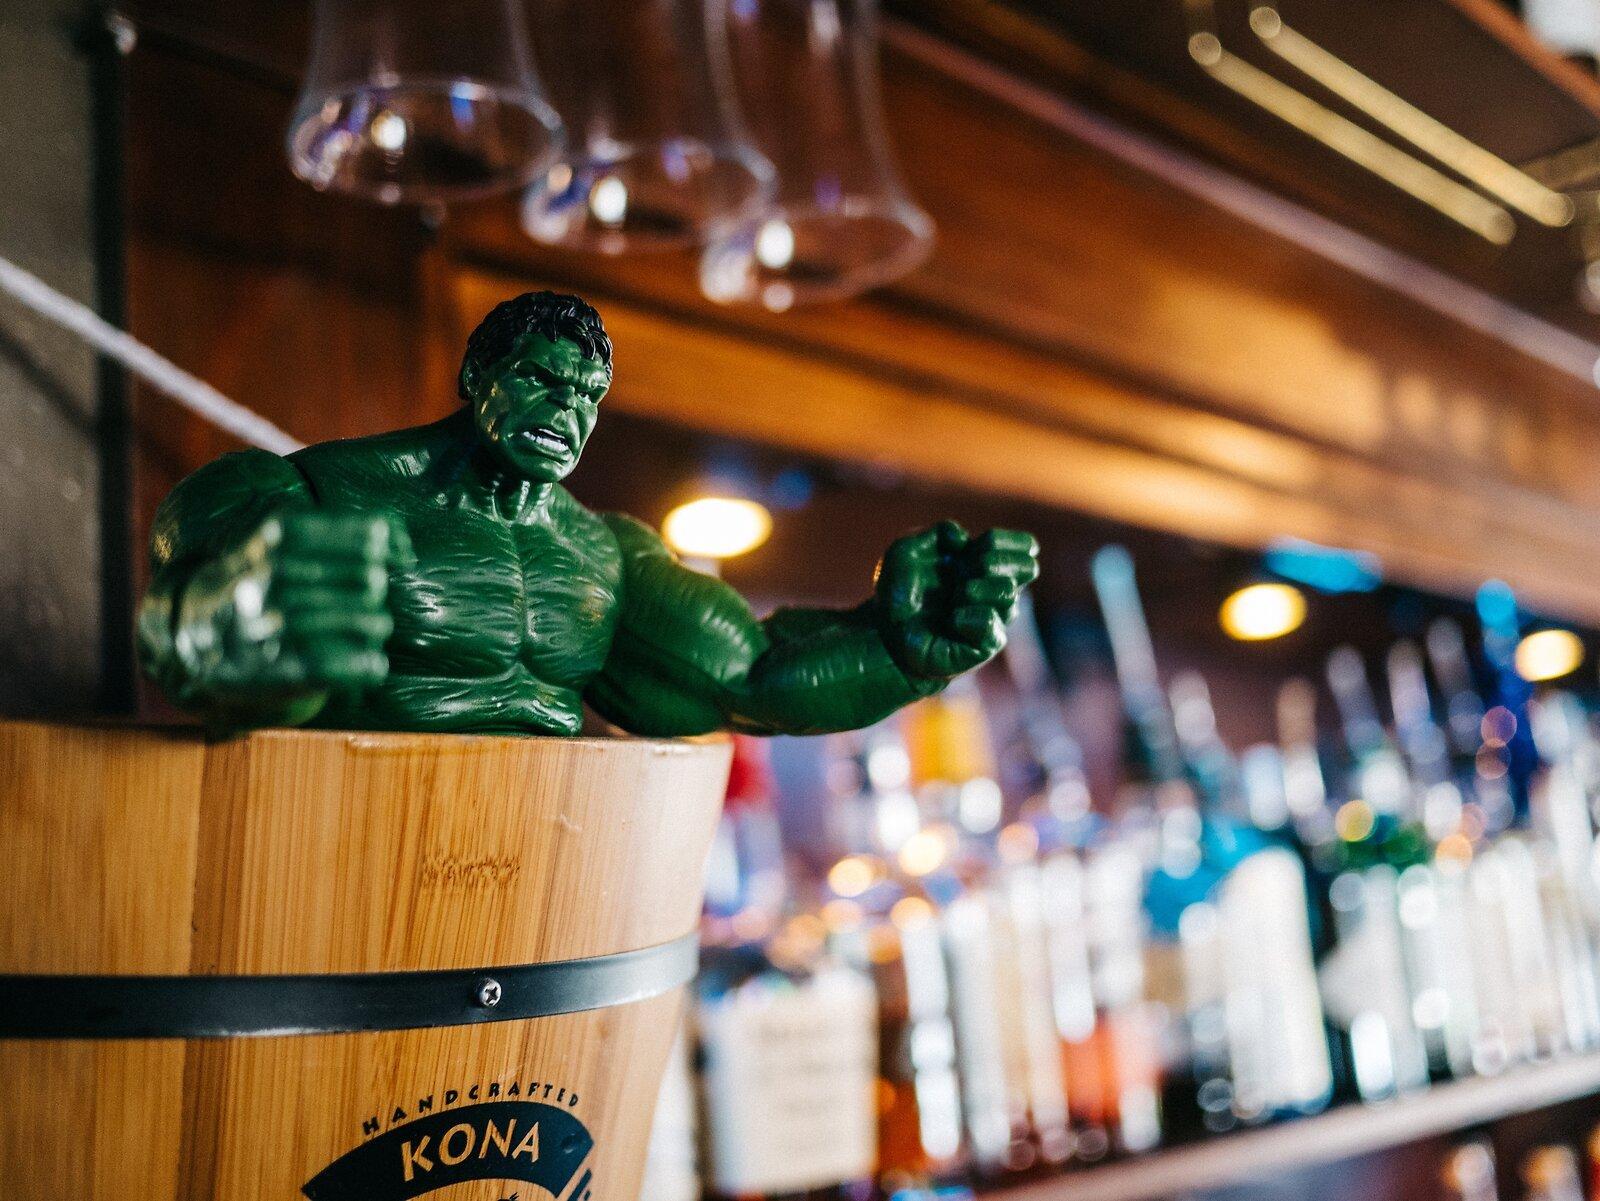 Hulk_In_Bar2-VSCOPortra160Vibrant.jpg